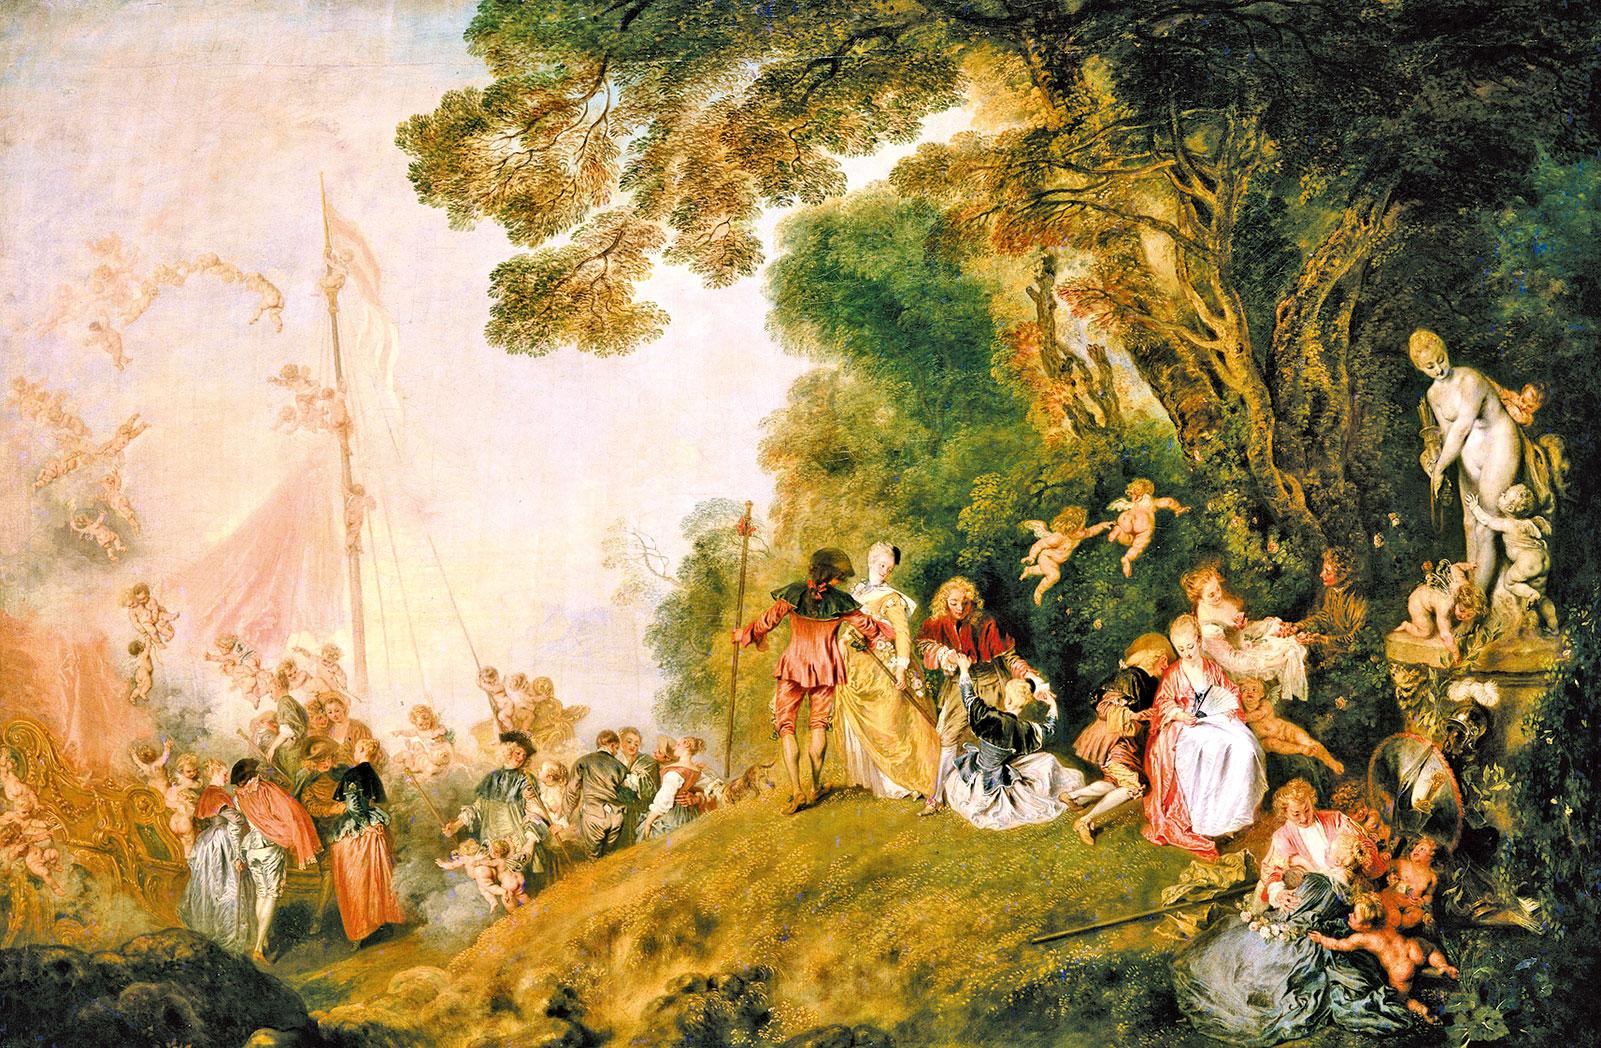 羅浮宮中收藏品,華托Antoine Watteau 1721年繪製的《舟發西地島Pilgrimage to Cythera》,突顯洛可可畫風的瑣細和美感。 (公共領域)